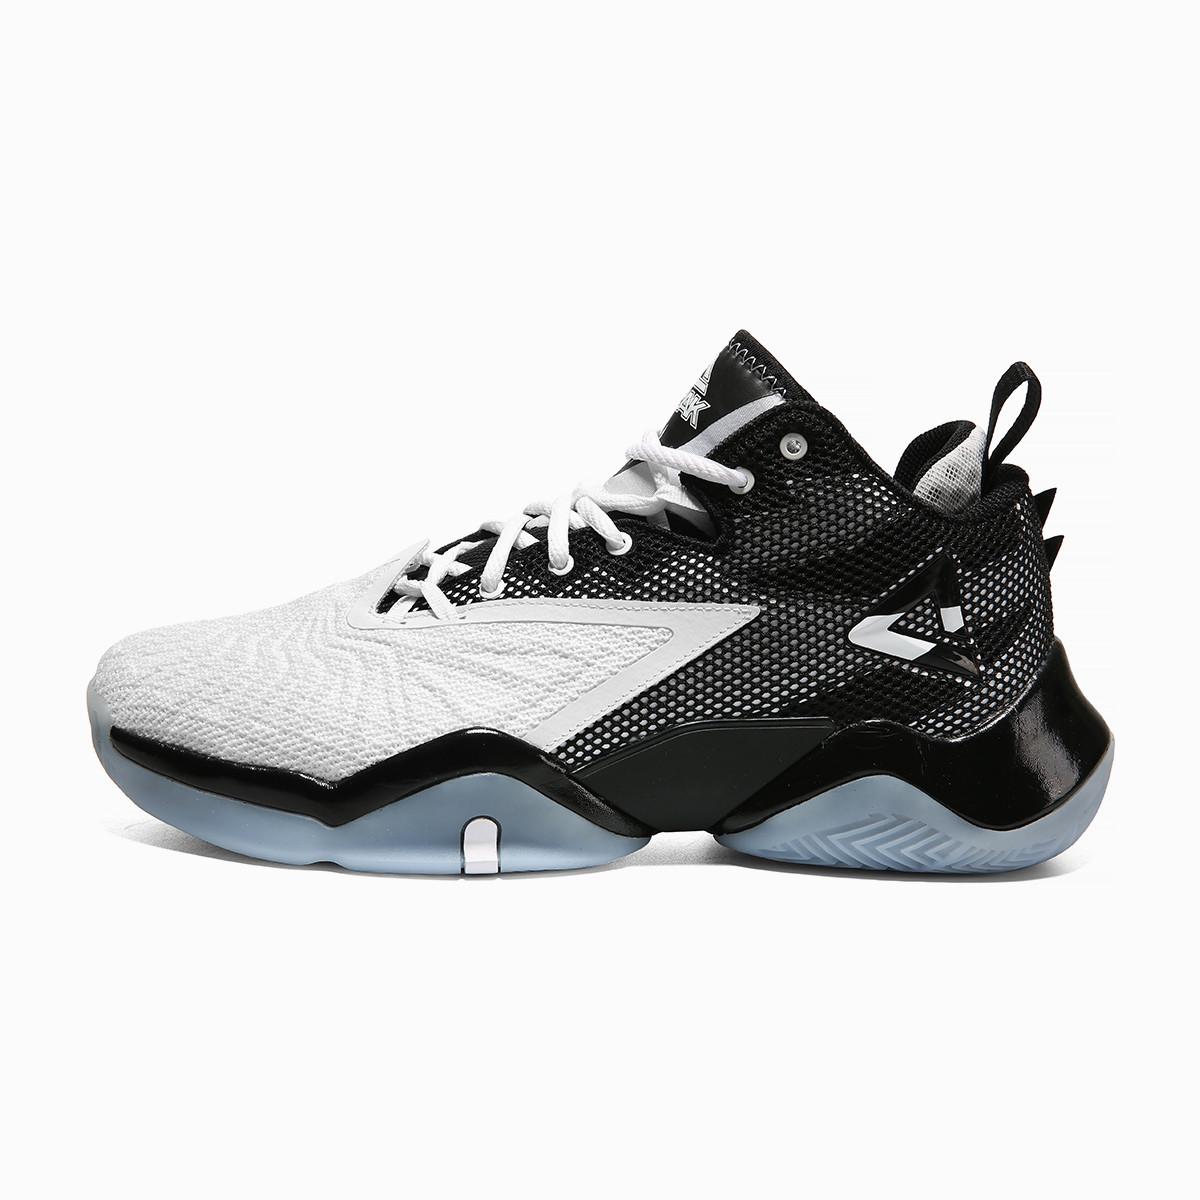 PEAK 匹克 态极闪电 E02041A1020 男士篮球鞋